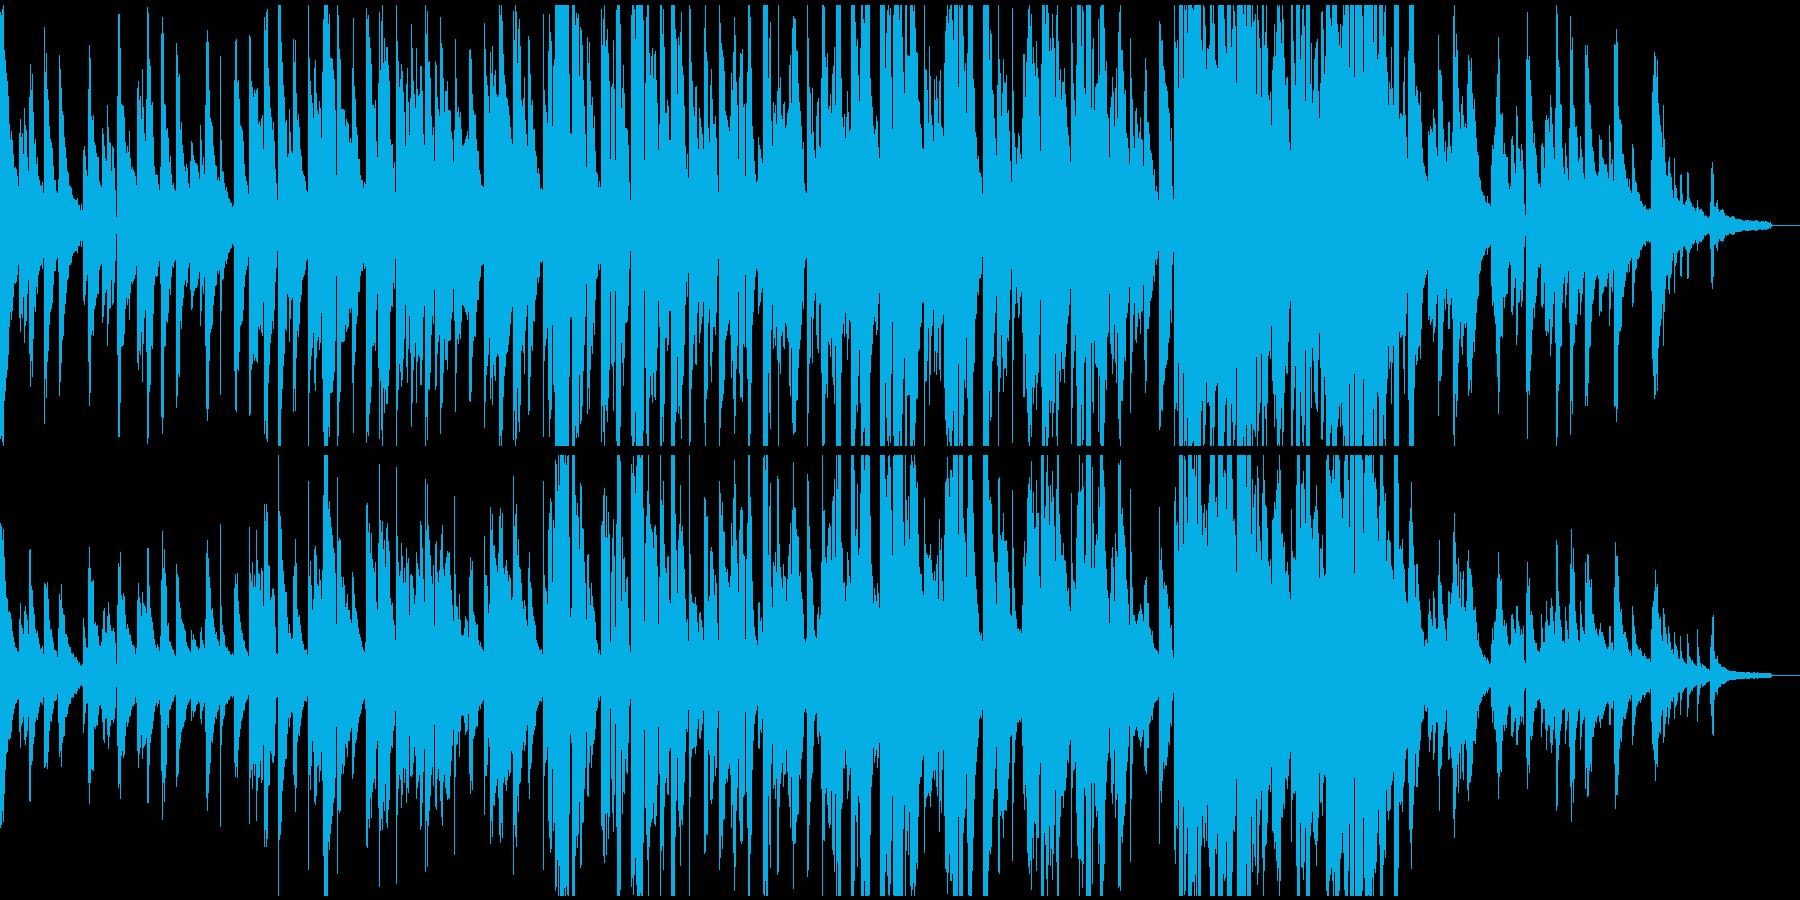 洋楽女性ボーカル 心地のいいバラードの再生済みの波形